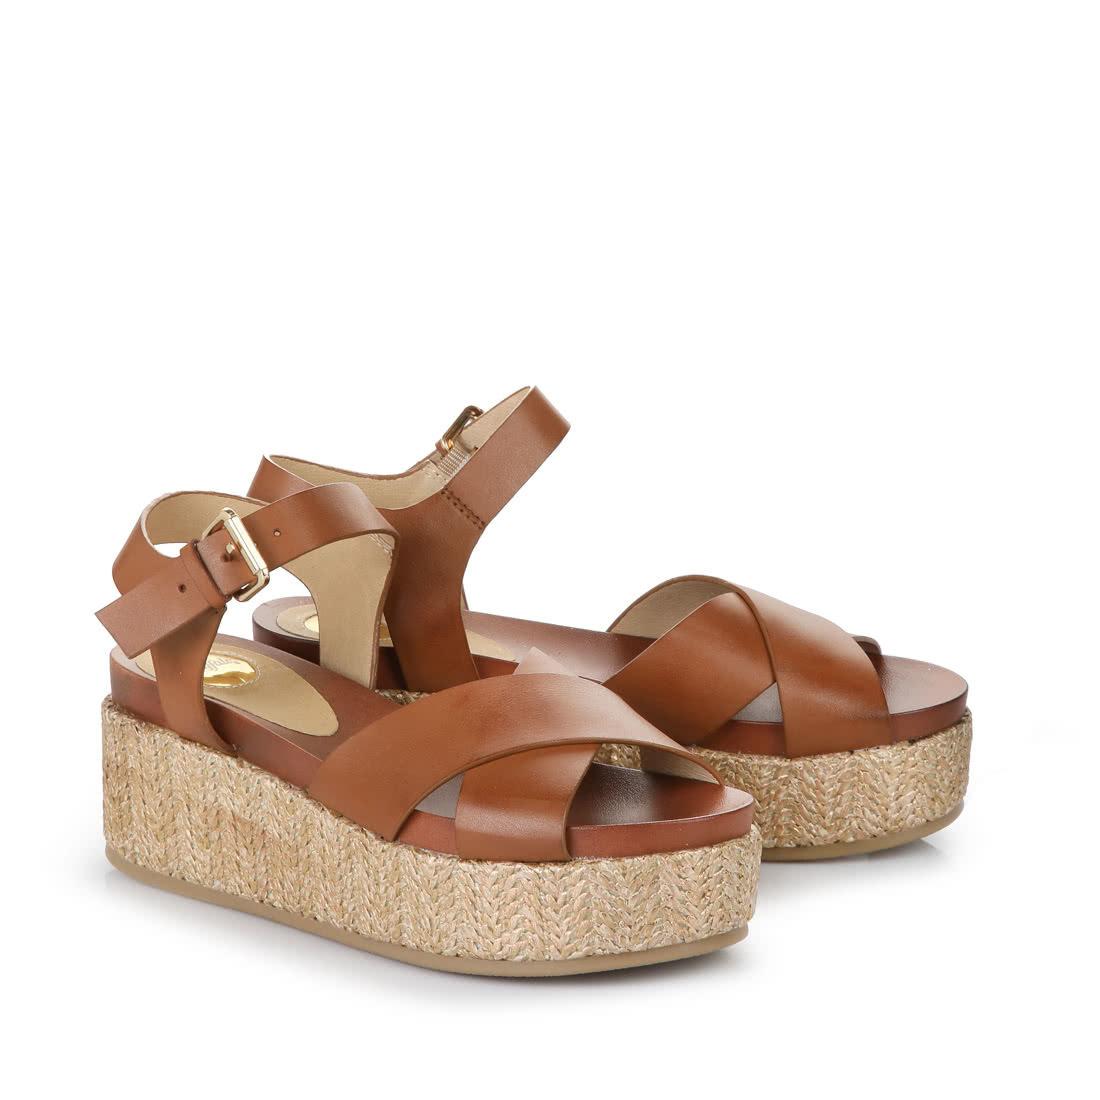 Buffalo Wedge Sandals In Cognac Buy Online In Buffalo